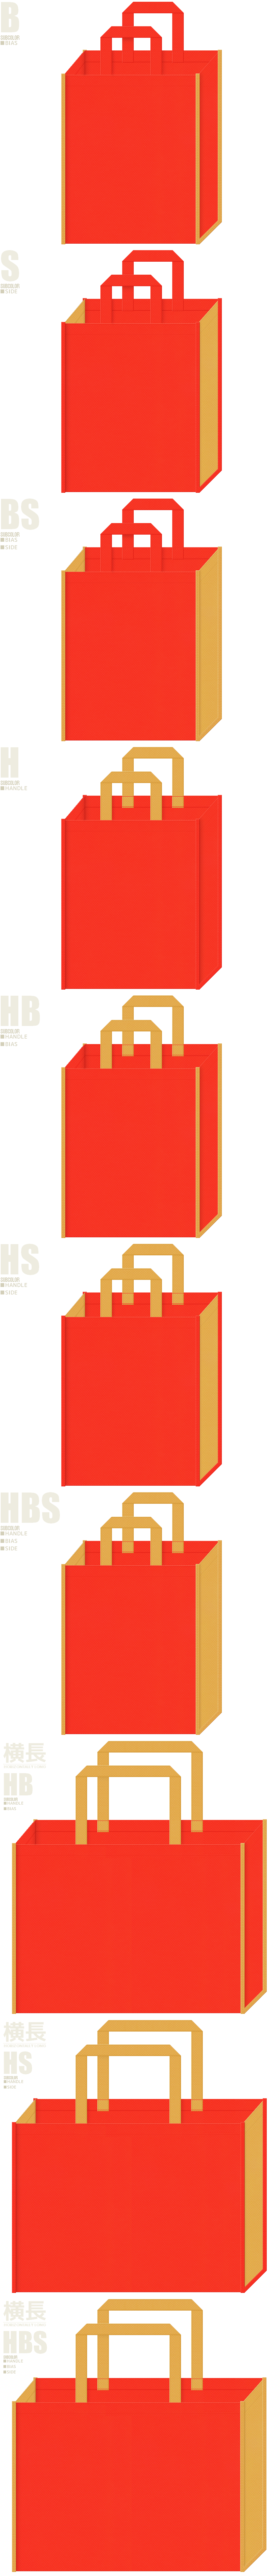 木製玩具・絵本・じゃがいも・にんじん・キッチン・レシピ・オニオンスープ・サラダ油・調味料・パスタ・お料理教室・ランチバッグにお奨めの不織布バッグデザイン:オレンジ色と黄土色の配色7パターン